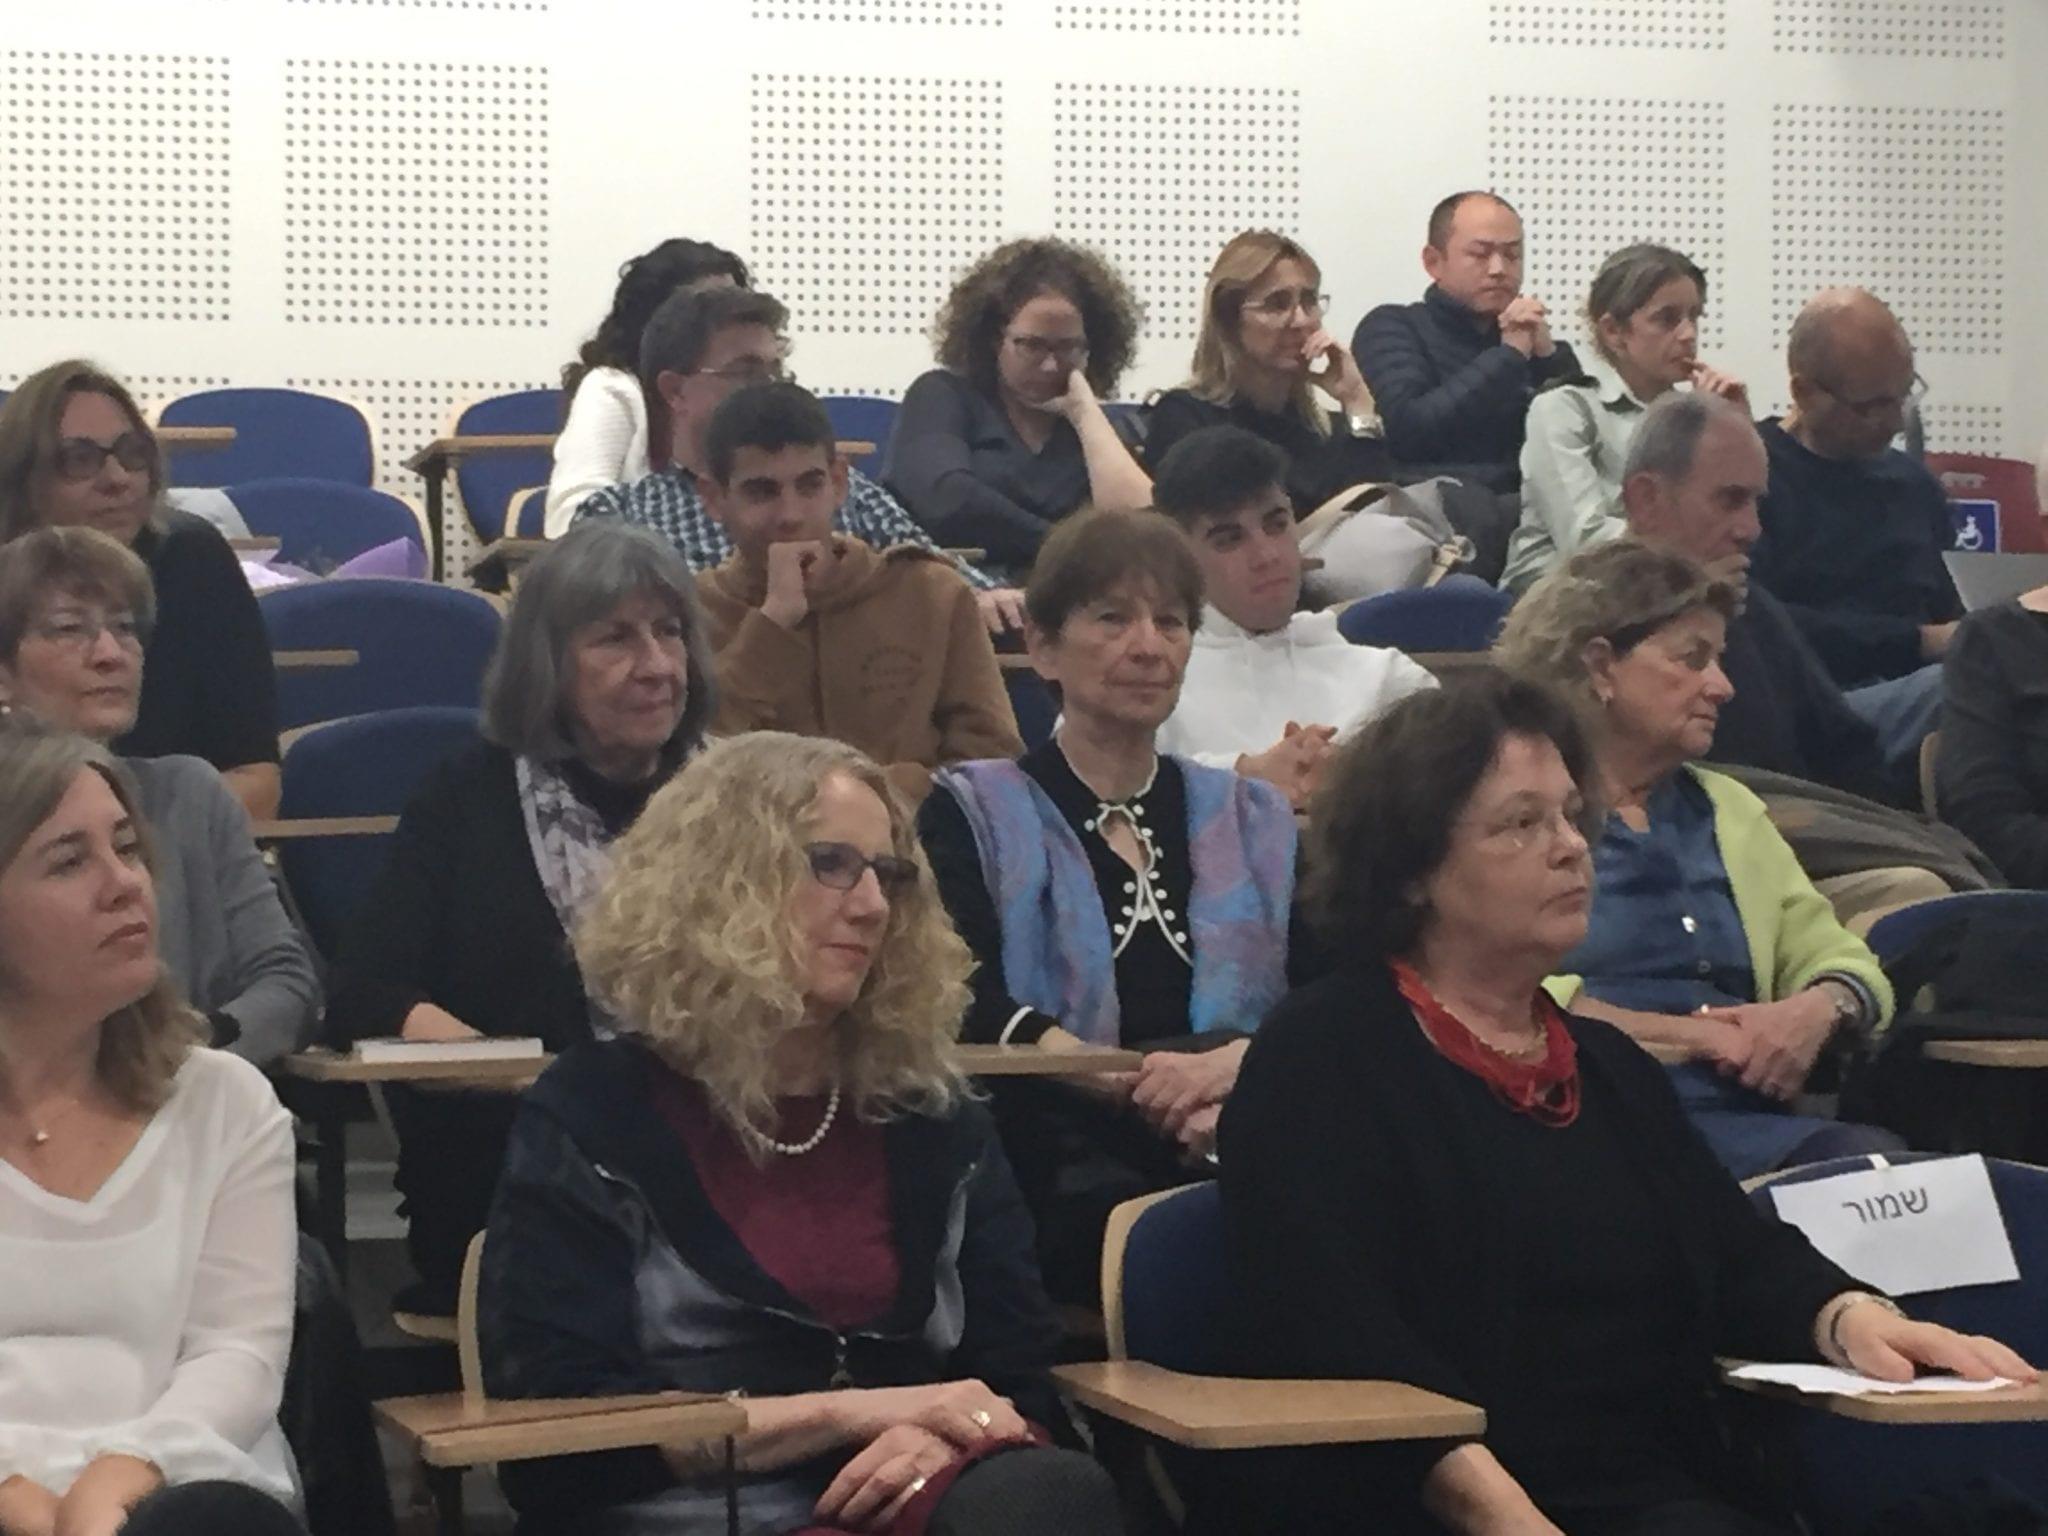 תמונה של הקהל באירוע השקת הספר על מדים אני מלך